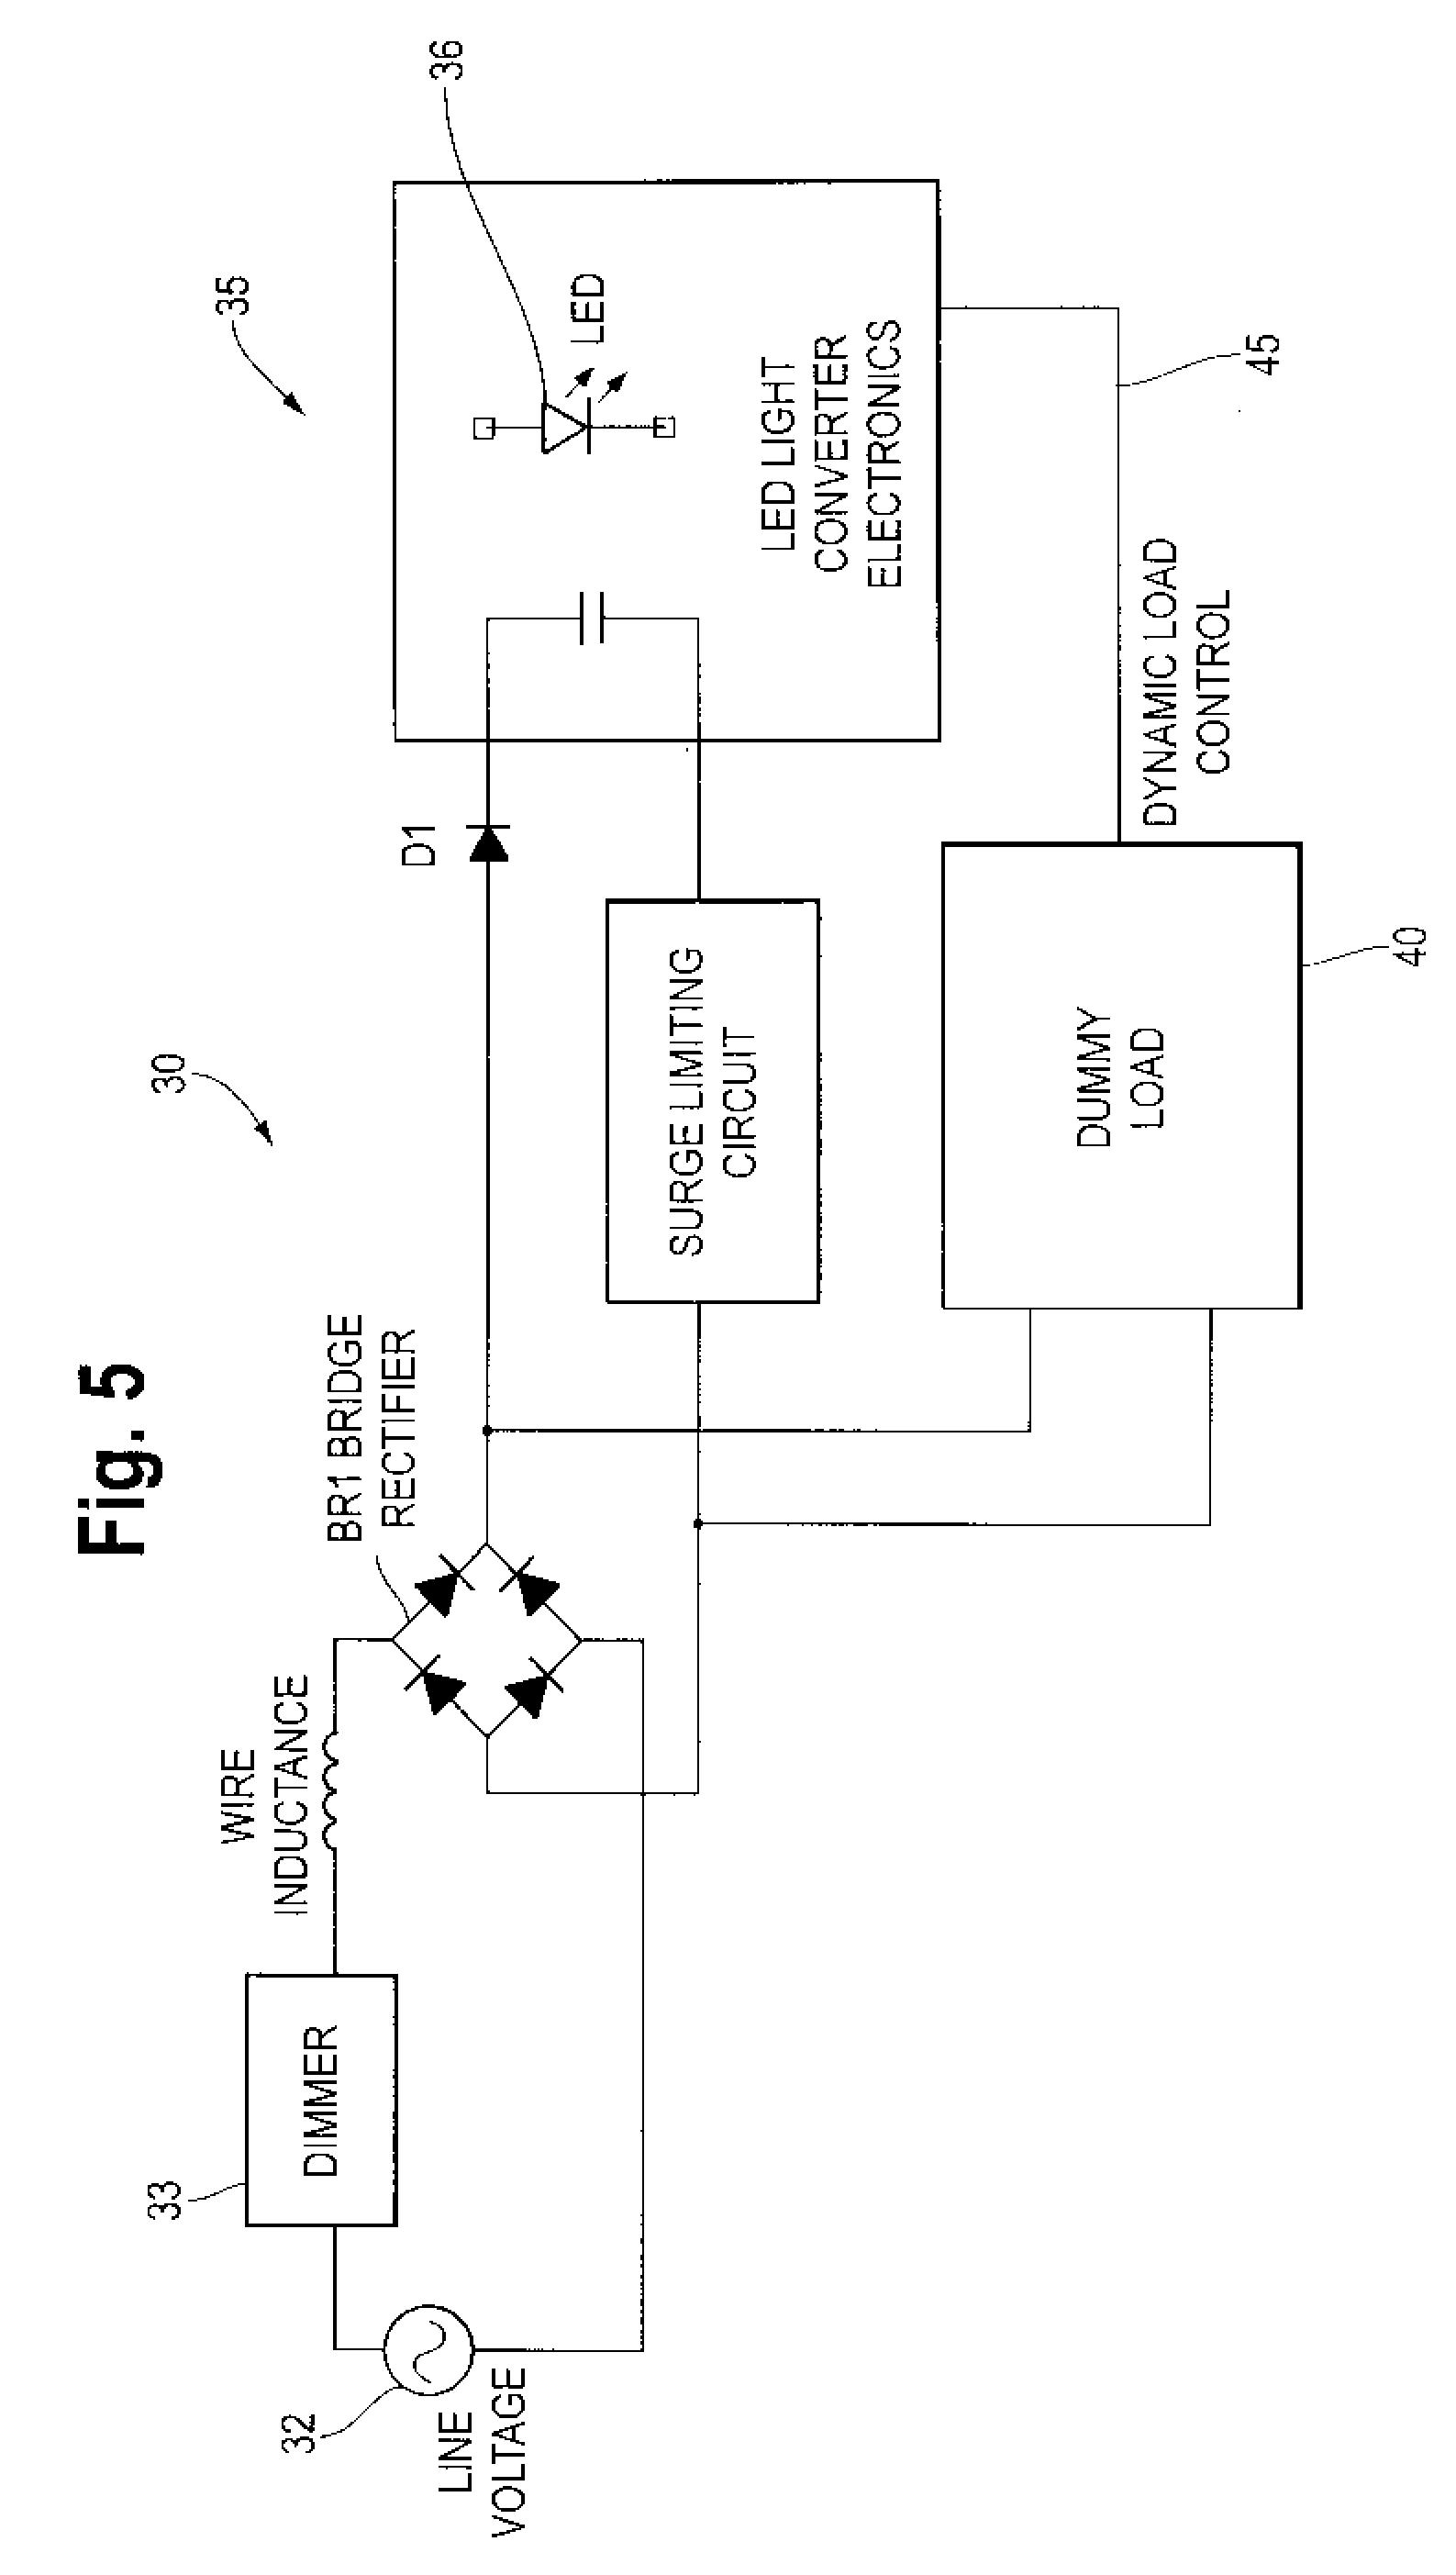 patent us20080258647